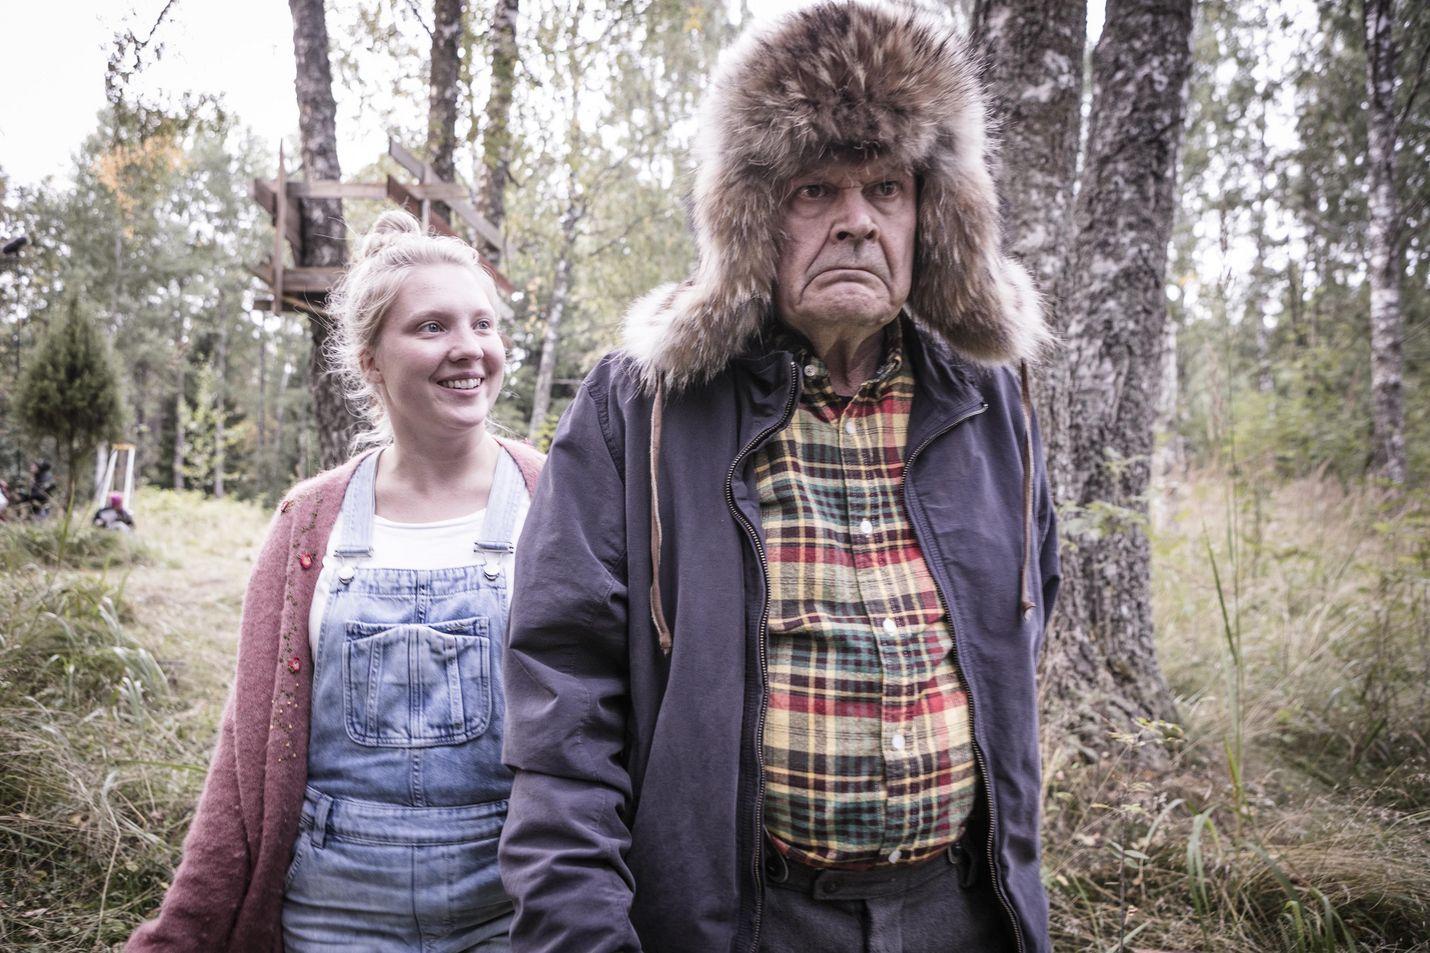 Mielensäpahoittaja (Heikki Kinnunen) aikoo kuolla, koska kaikki hommat on tehty ja elämästä kadonnut tarkoitus. Mielensäpahoittajan luo saapuu uusi elämä, kaupunkilaistyttö Sofia (Satu Tuuli Karhu).